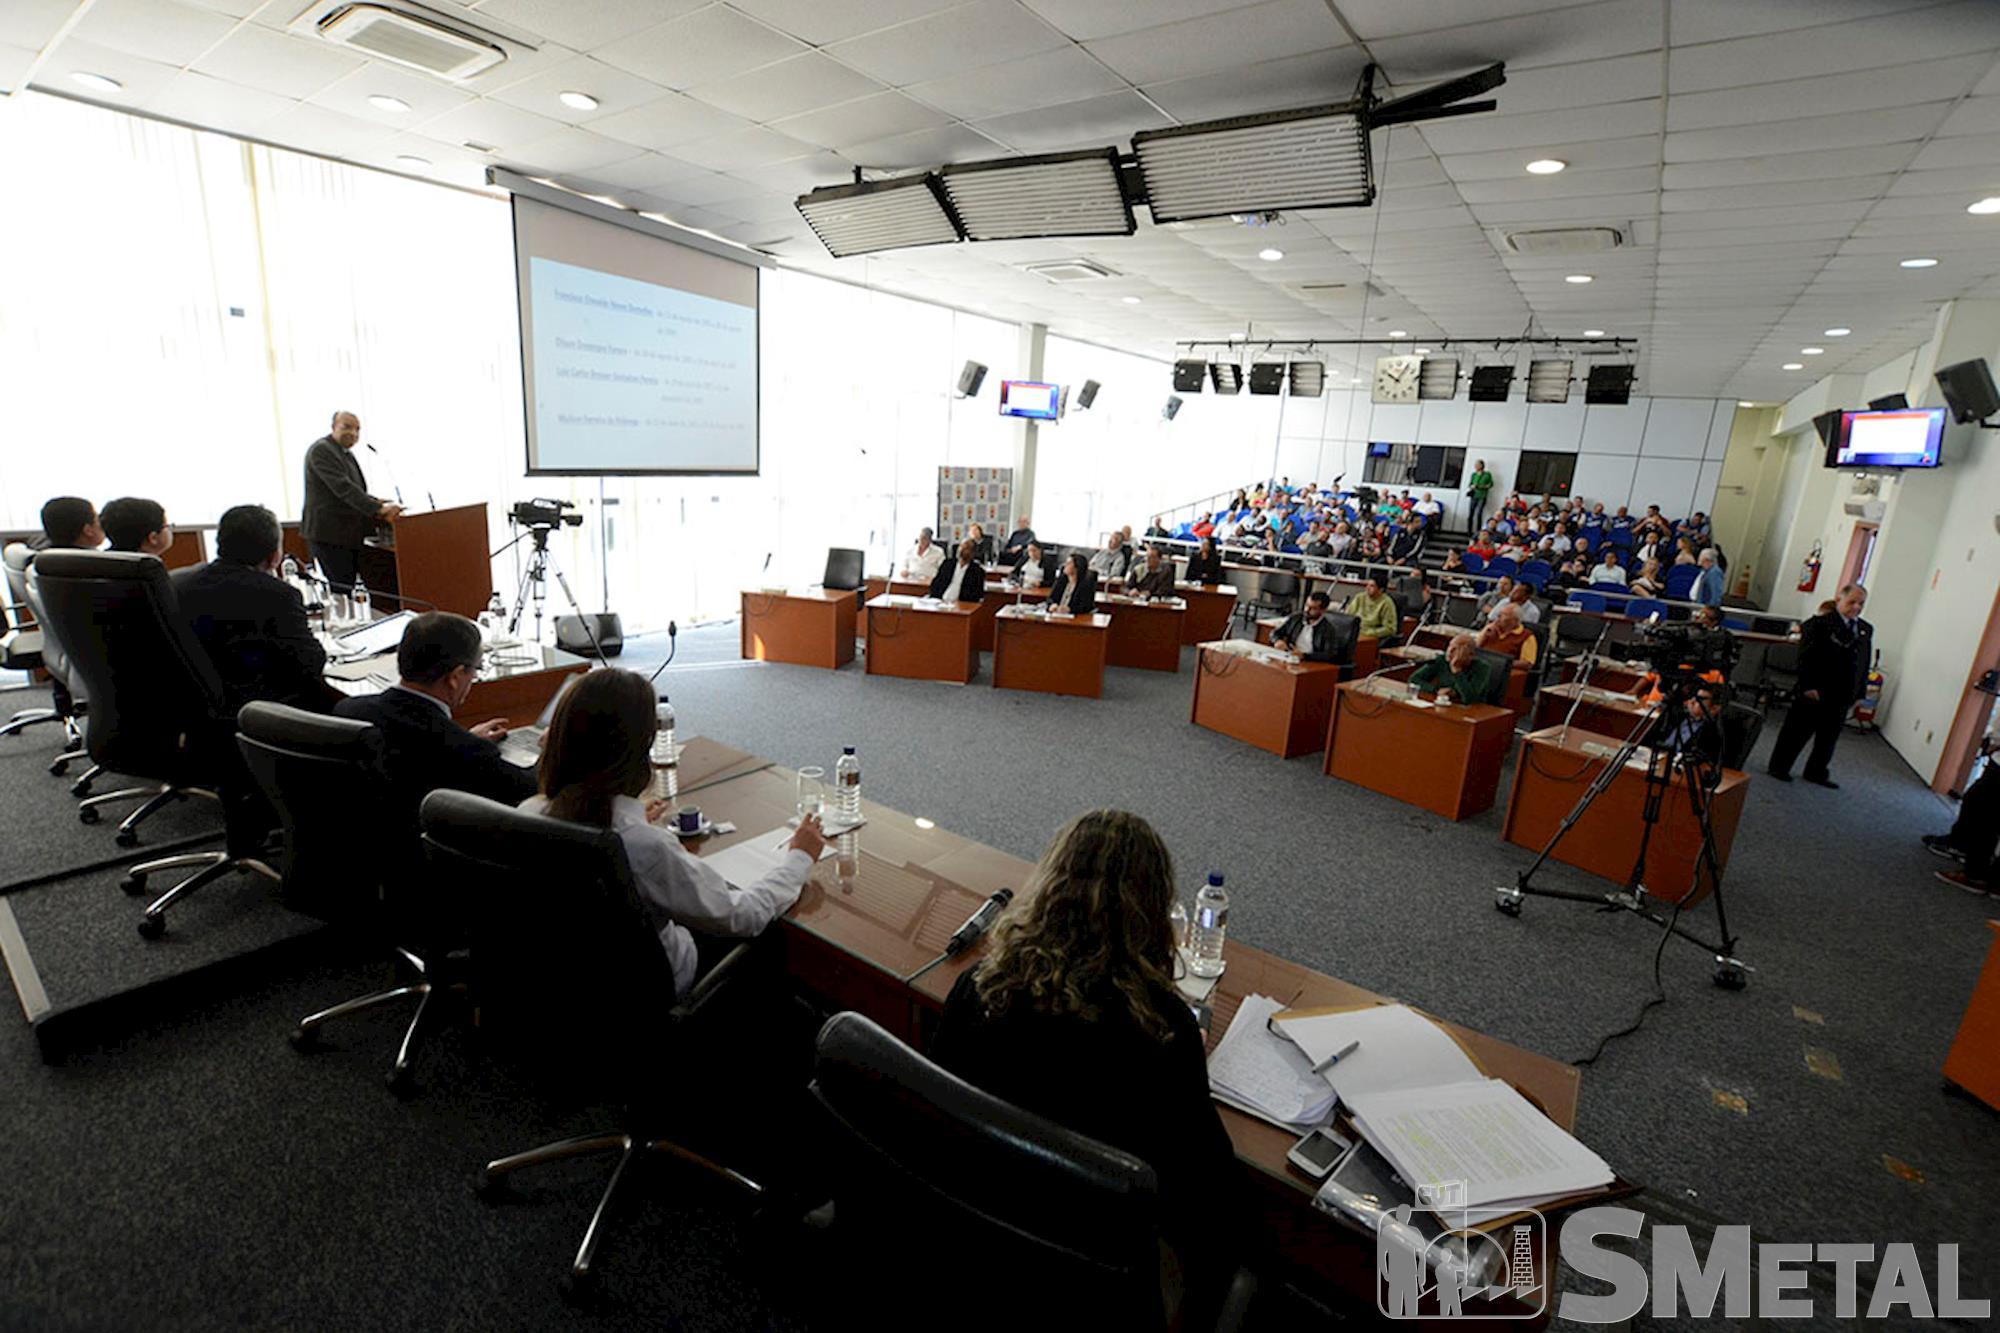 Audiência pública sobre a reforma da previdência social